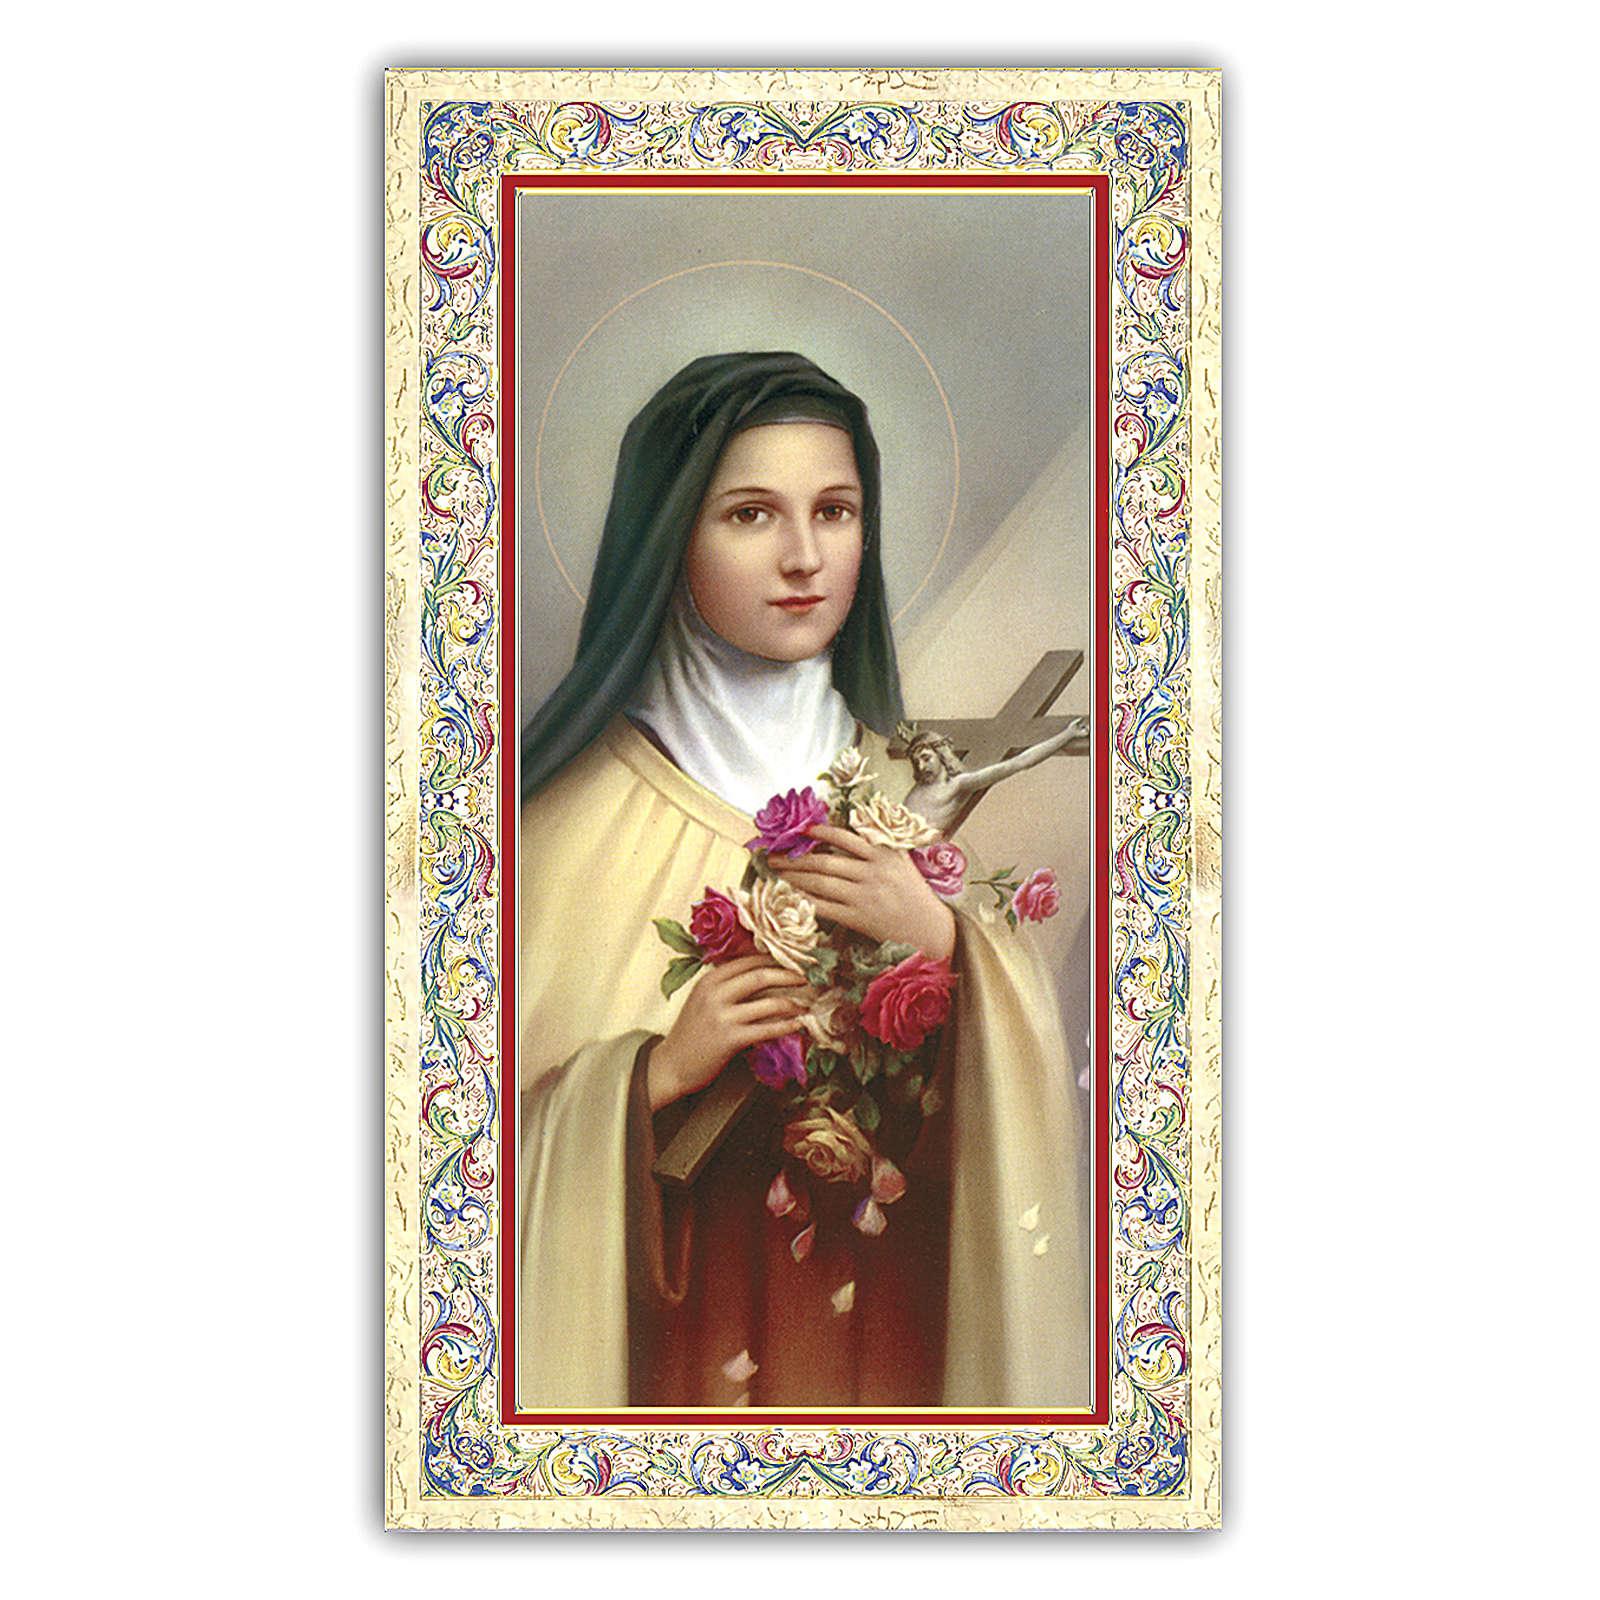 Image de dévotion soeur Thérèse de l'Enfant Jésus 10x5 cm 4